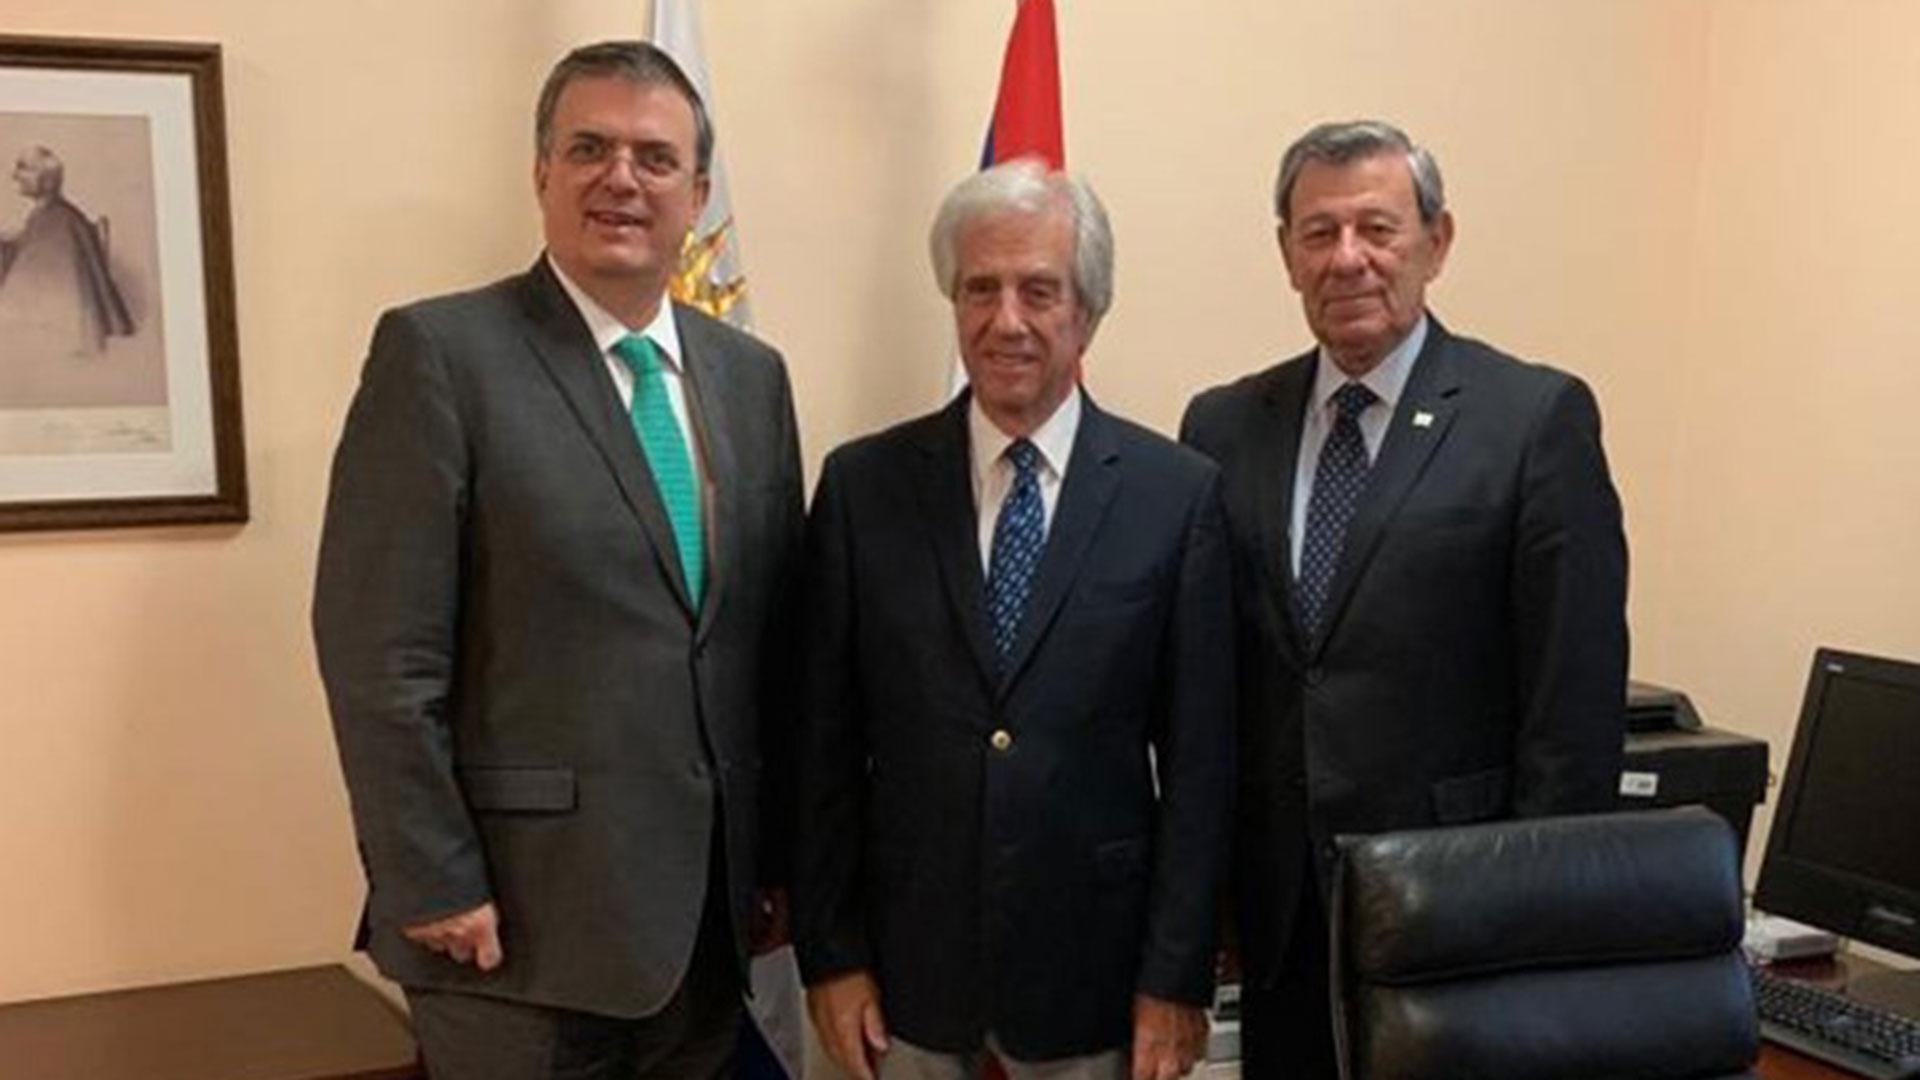 Tabaré Vázquez con los cancilleres de México, Marcelo Ebrad; y Uruguay, Rodolfo Nin Novoa